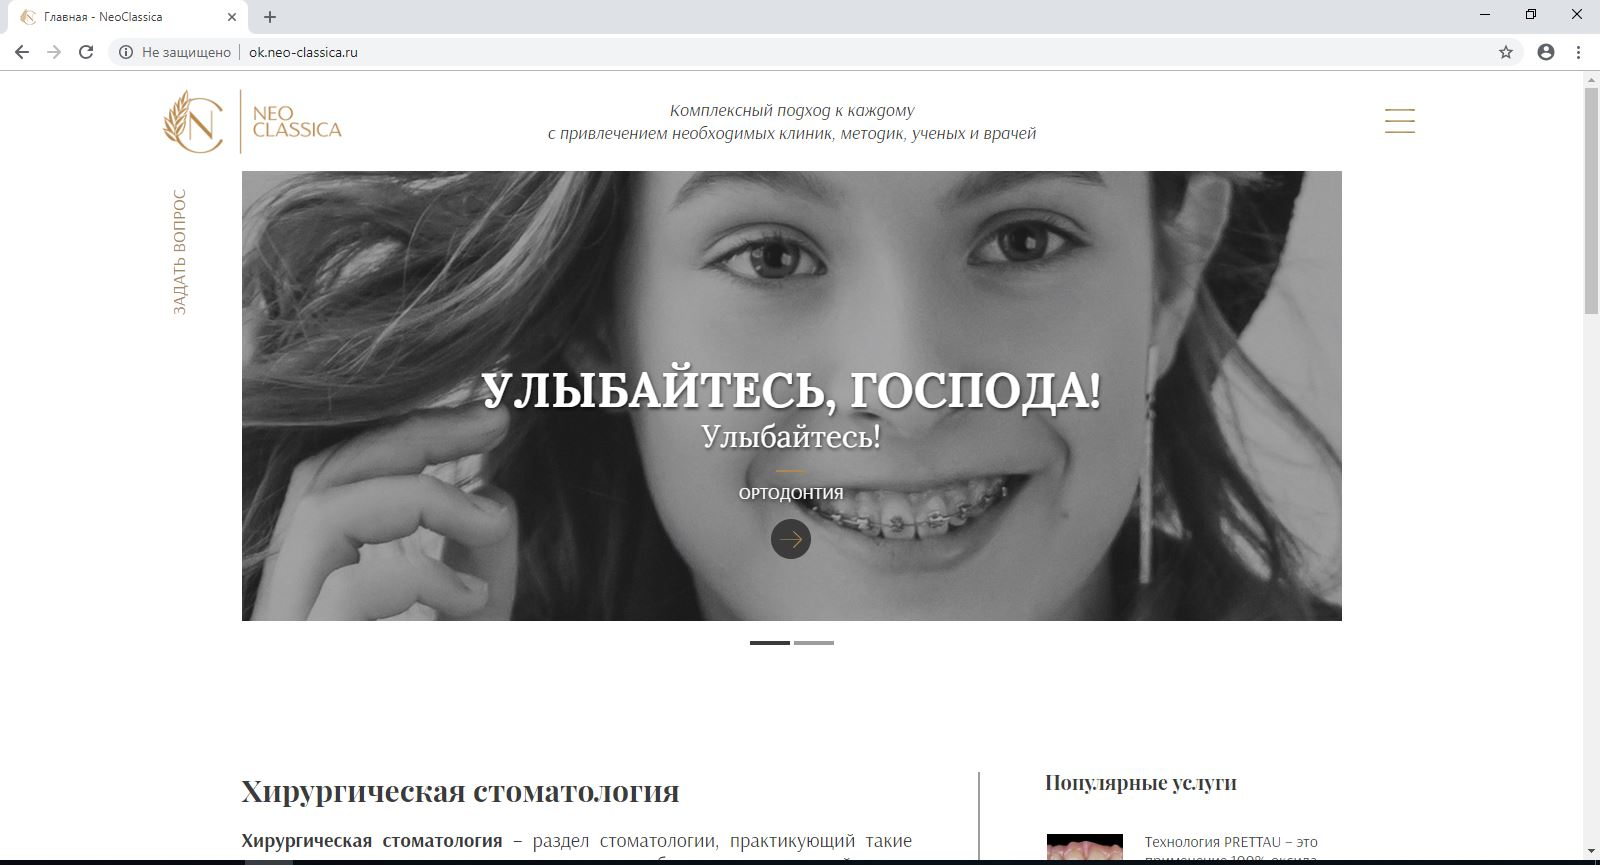 Доработка сайта на MODX neo-classica.ru